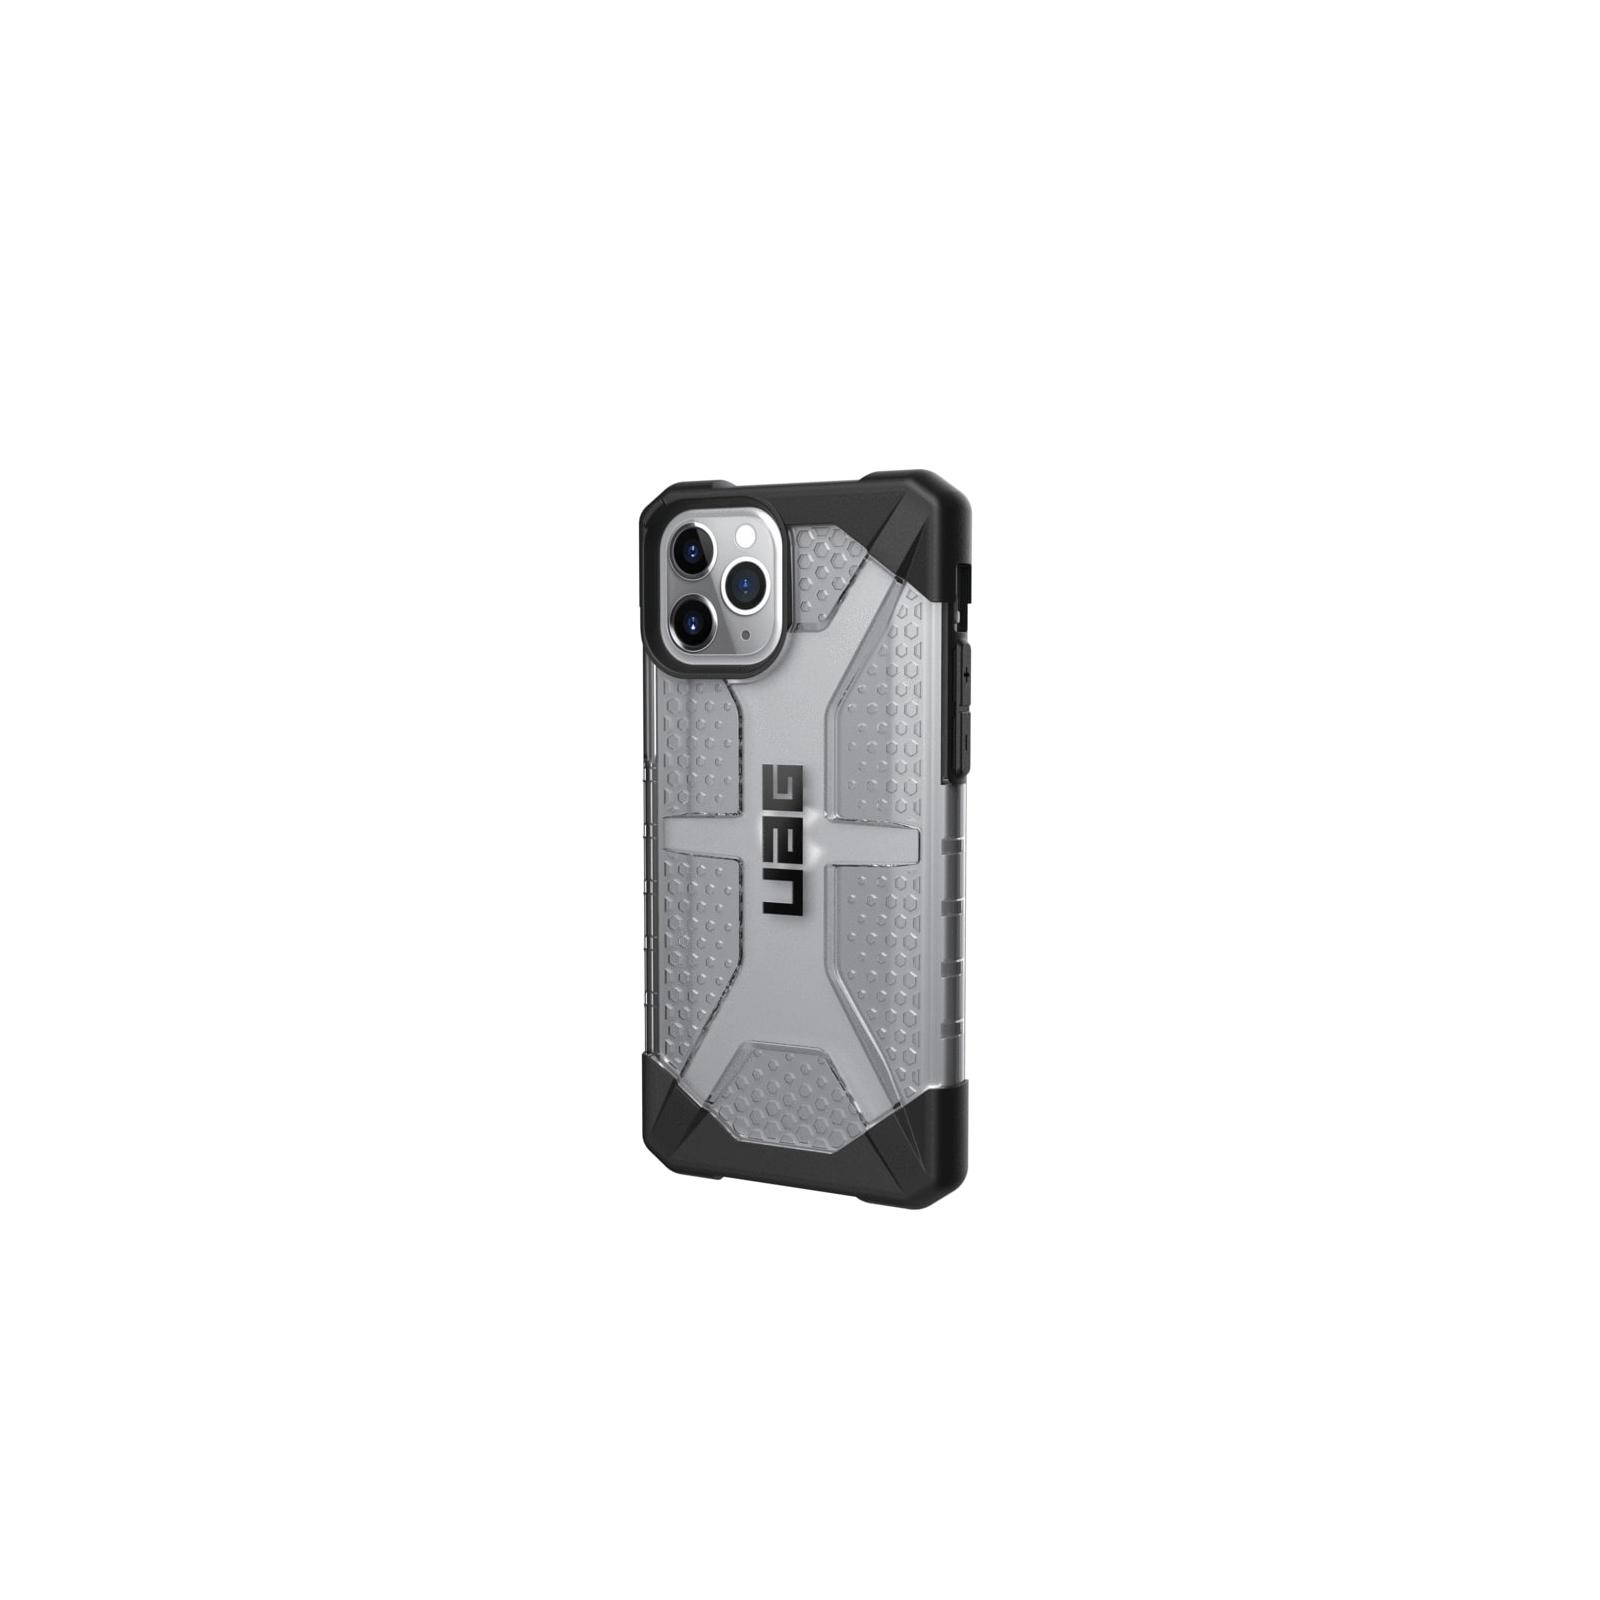 Чехол для моб. телефона Uag iPhone 11 Pro Plasma, Ice (111703114343) изображение 3